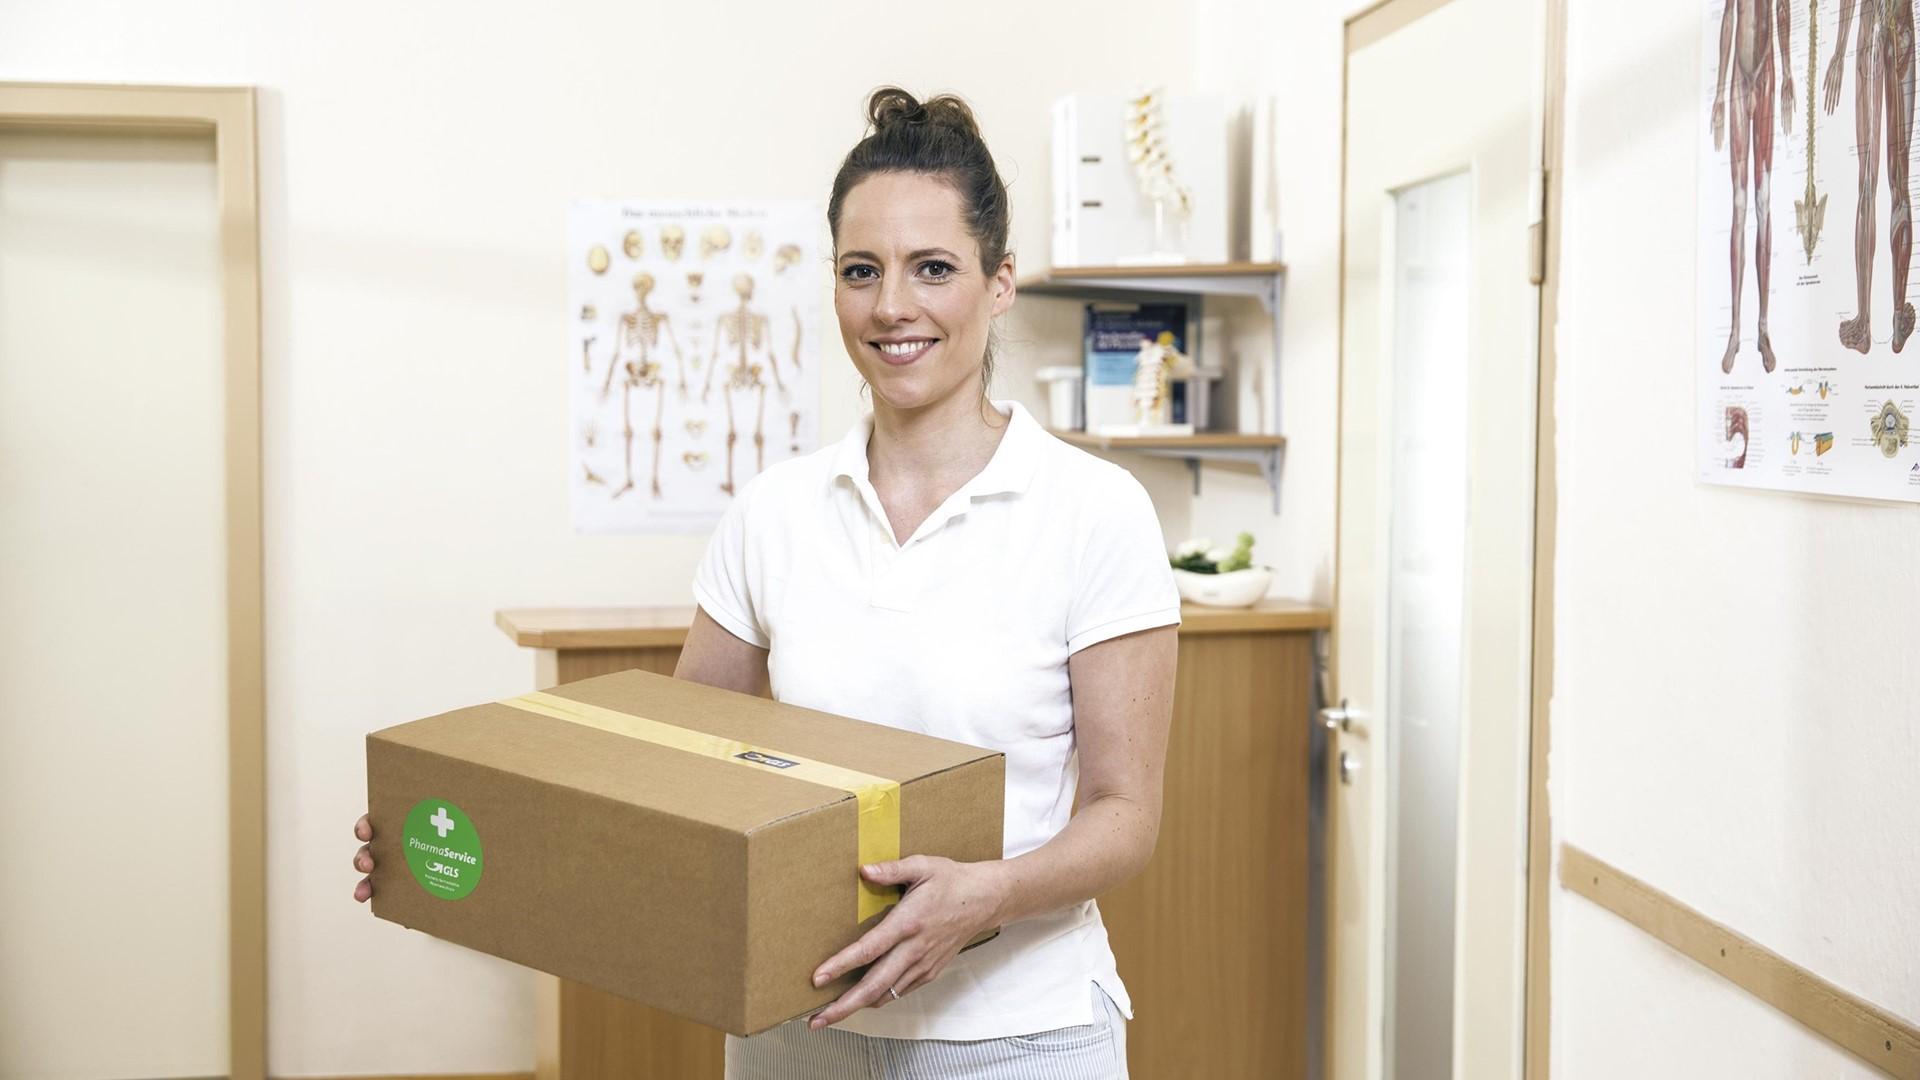 GLS Spain führt GDP-konformen PharmaService ein